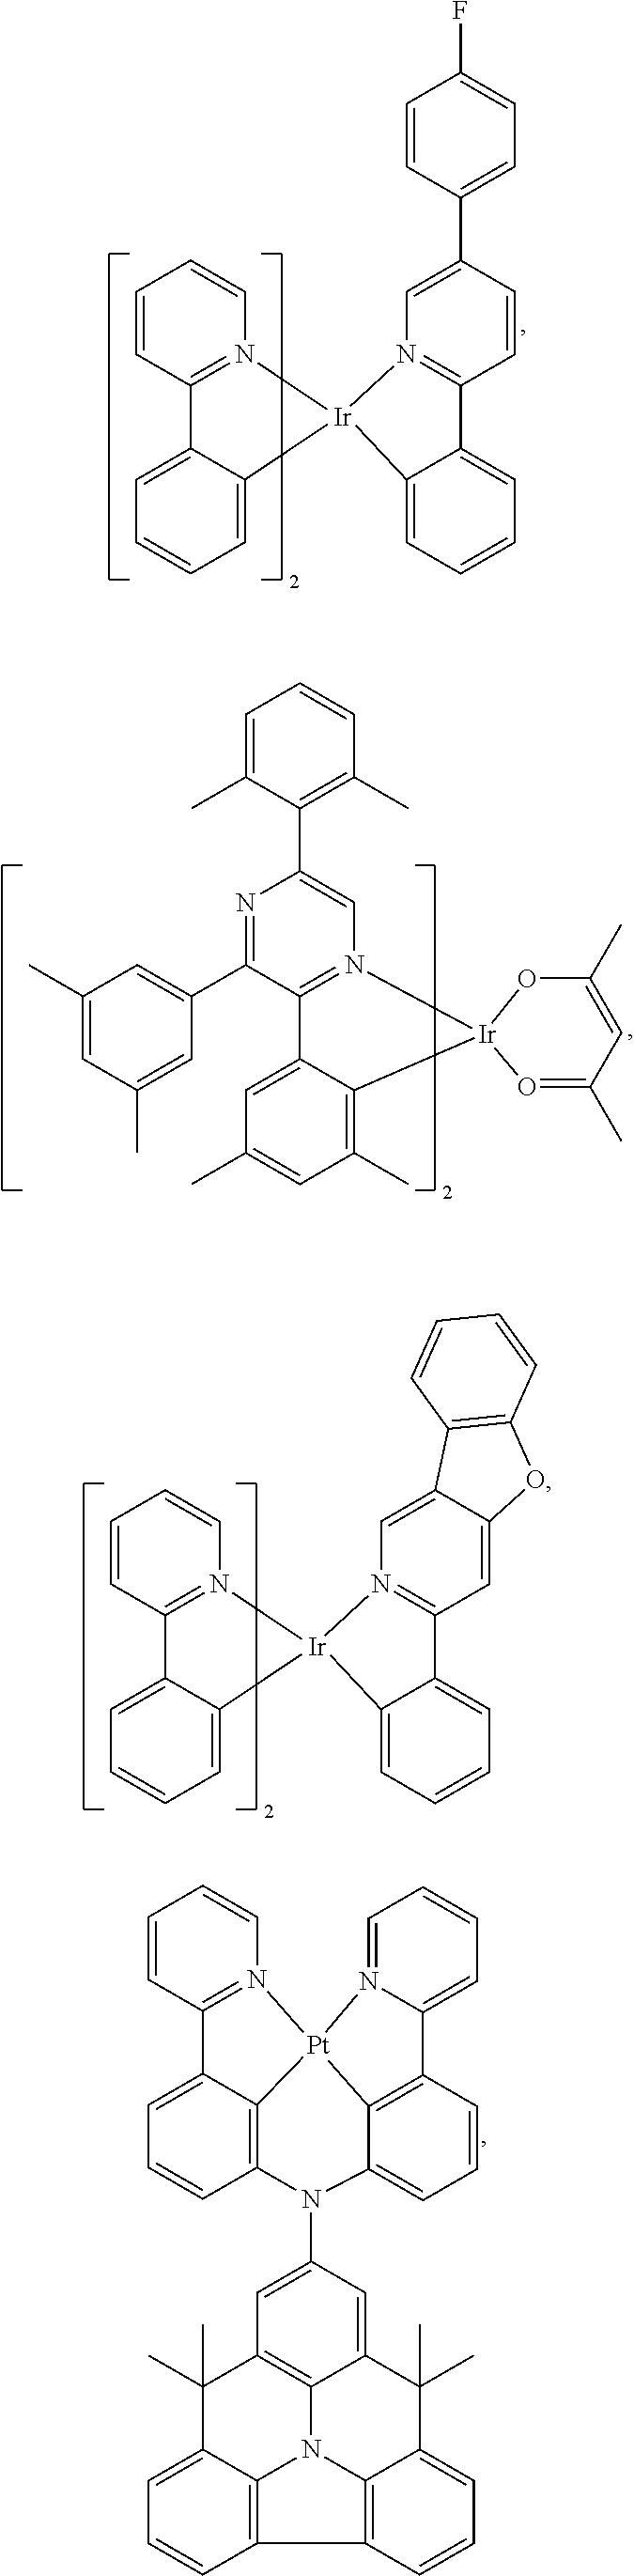 Figure US20180076393A1-20180315-C00109